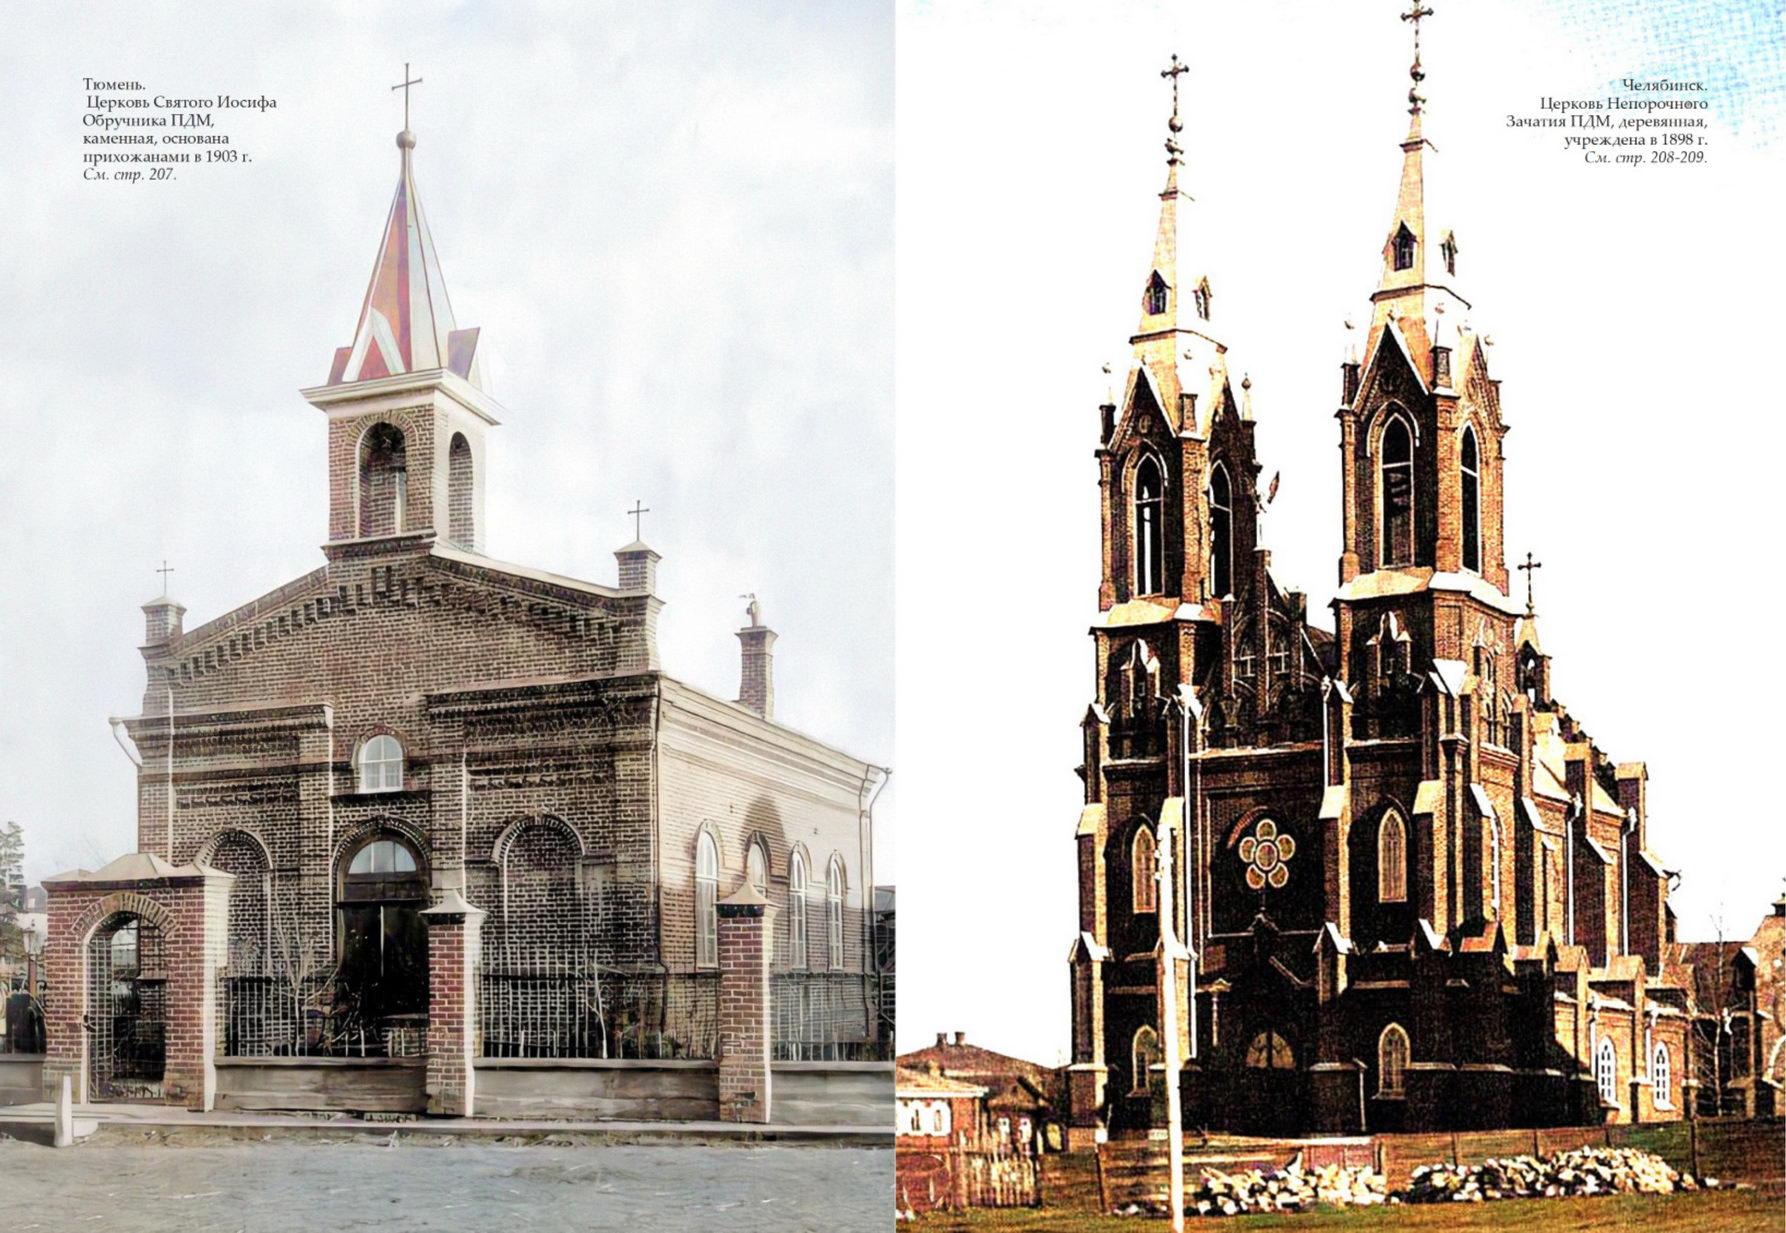 Издана книга, посвященная Католической Церкви в России накануне революции 1917 года и в Советский период 22